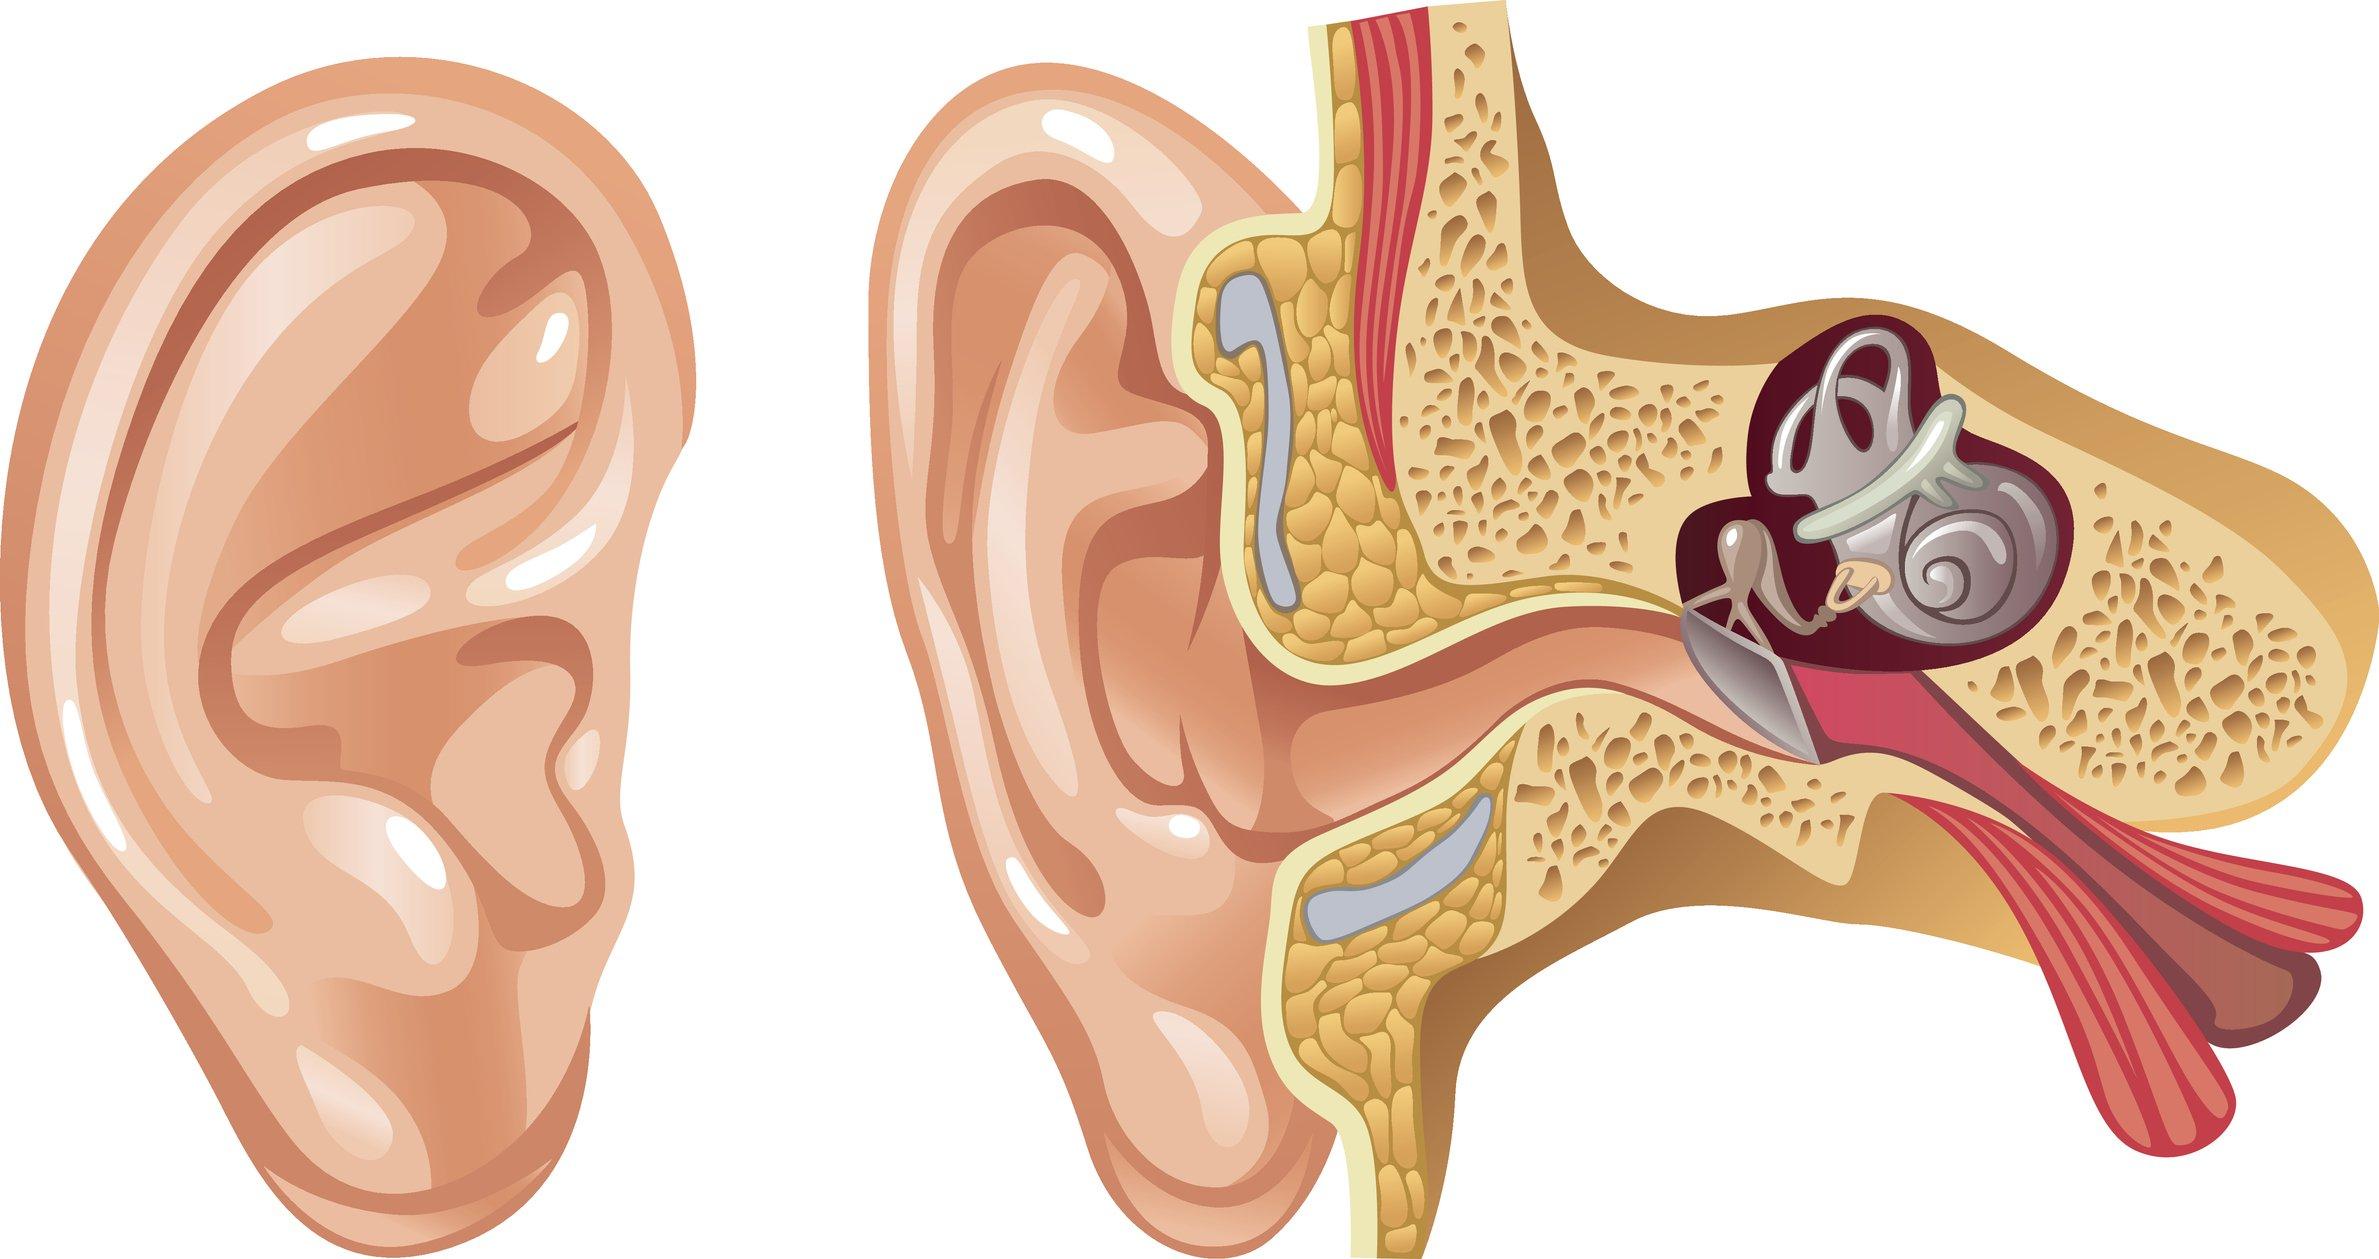 Ilustración de la oreja y el interior del oído.